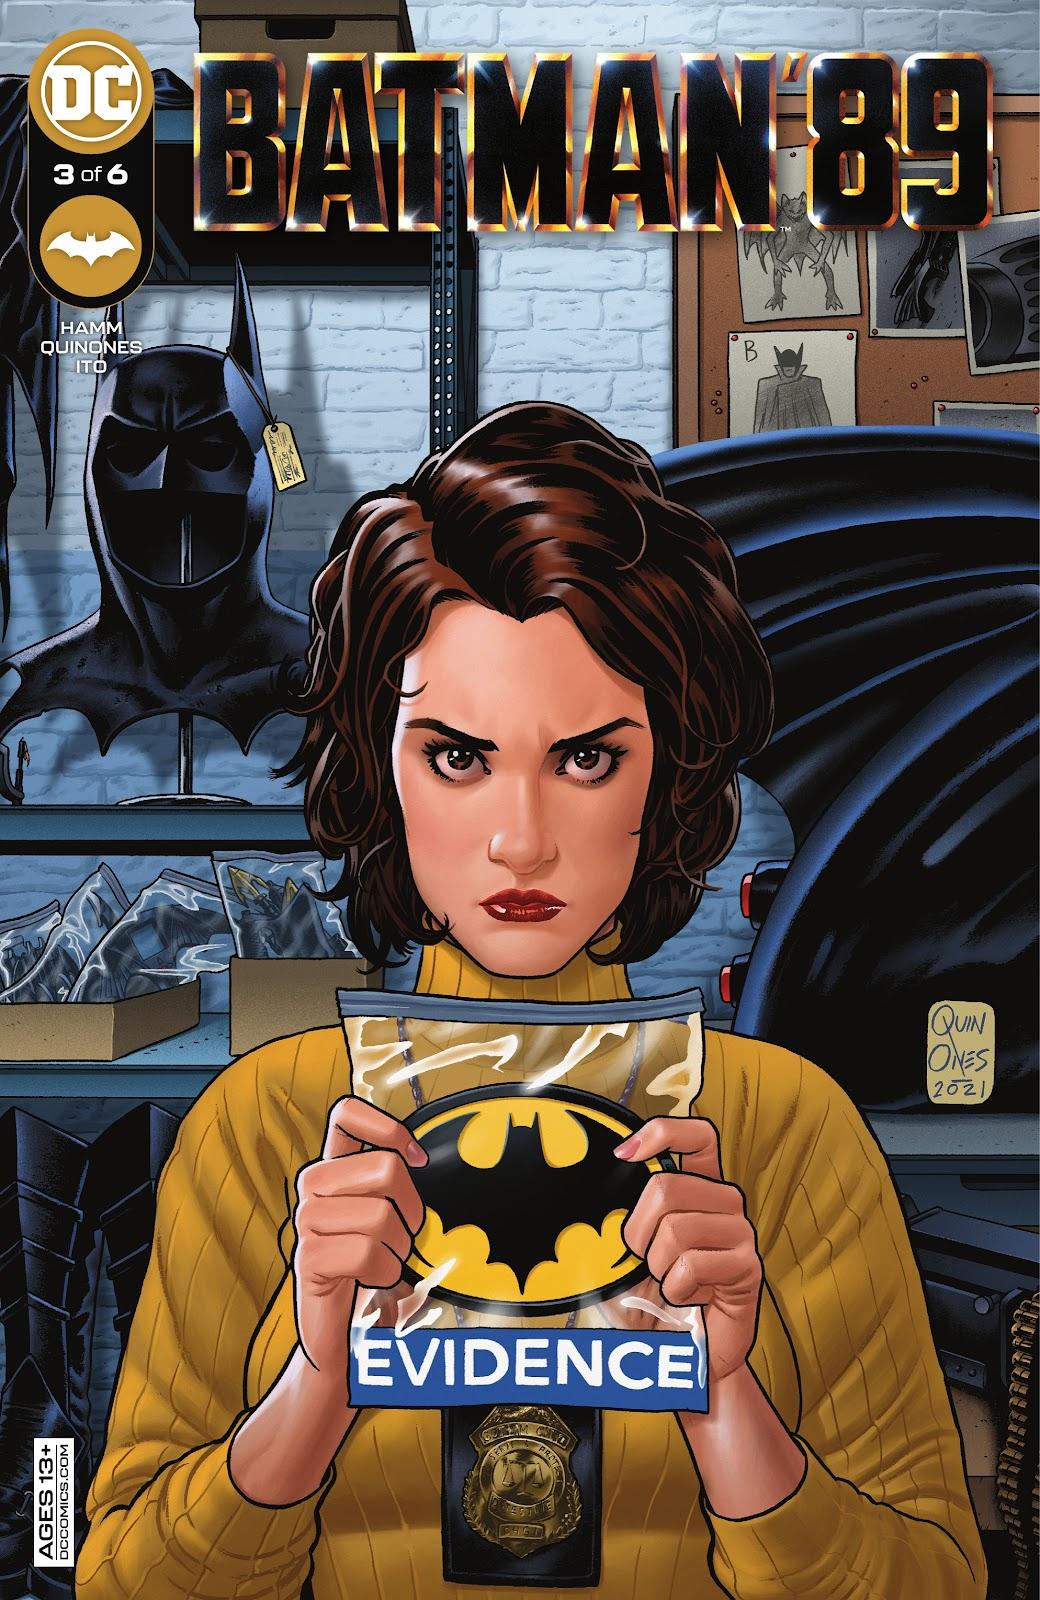 Batman 89 3, cover, 2021, Joe Quinones